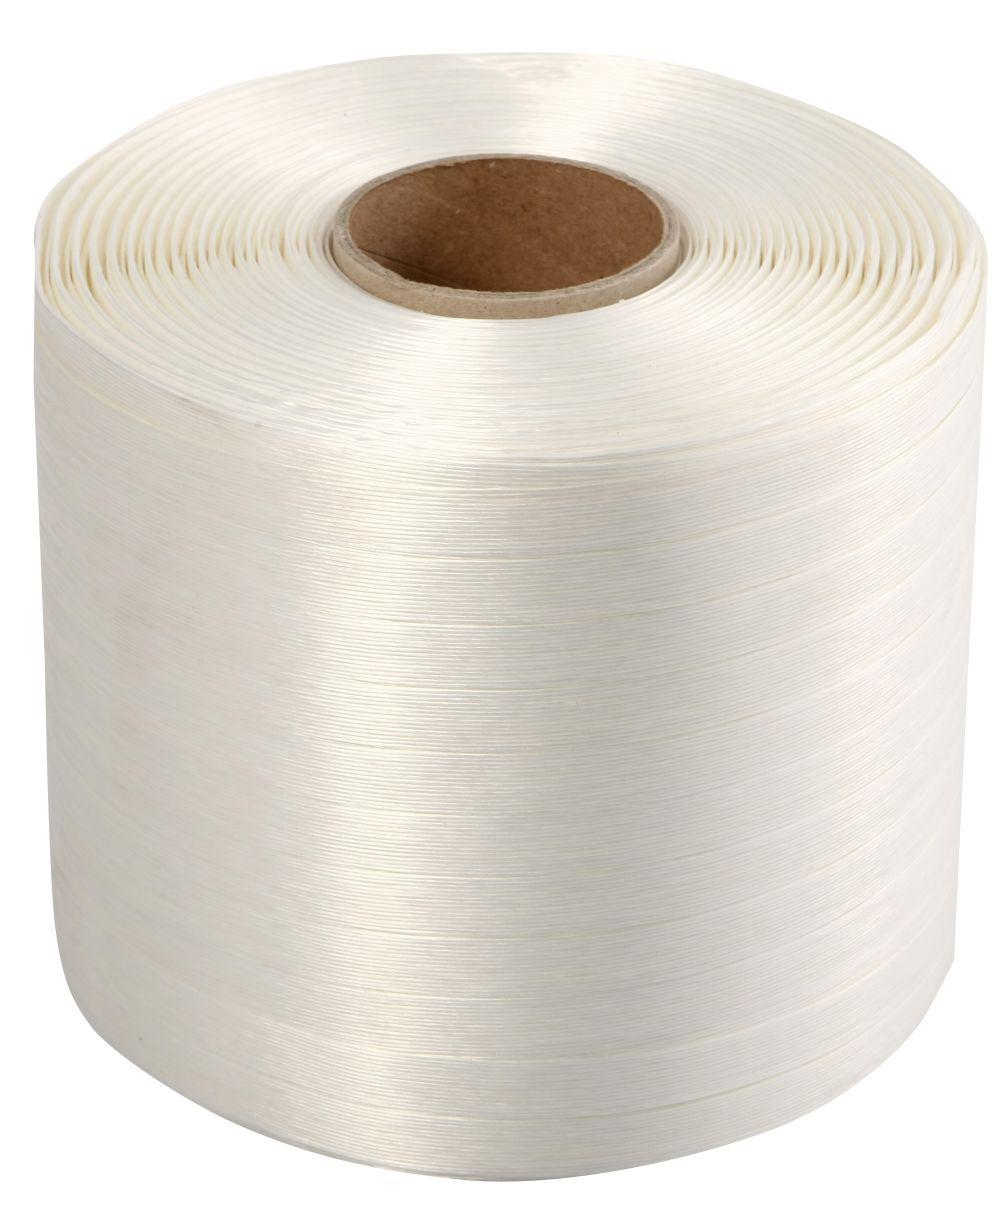 Pet tekstilinė juosta